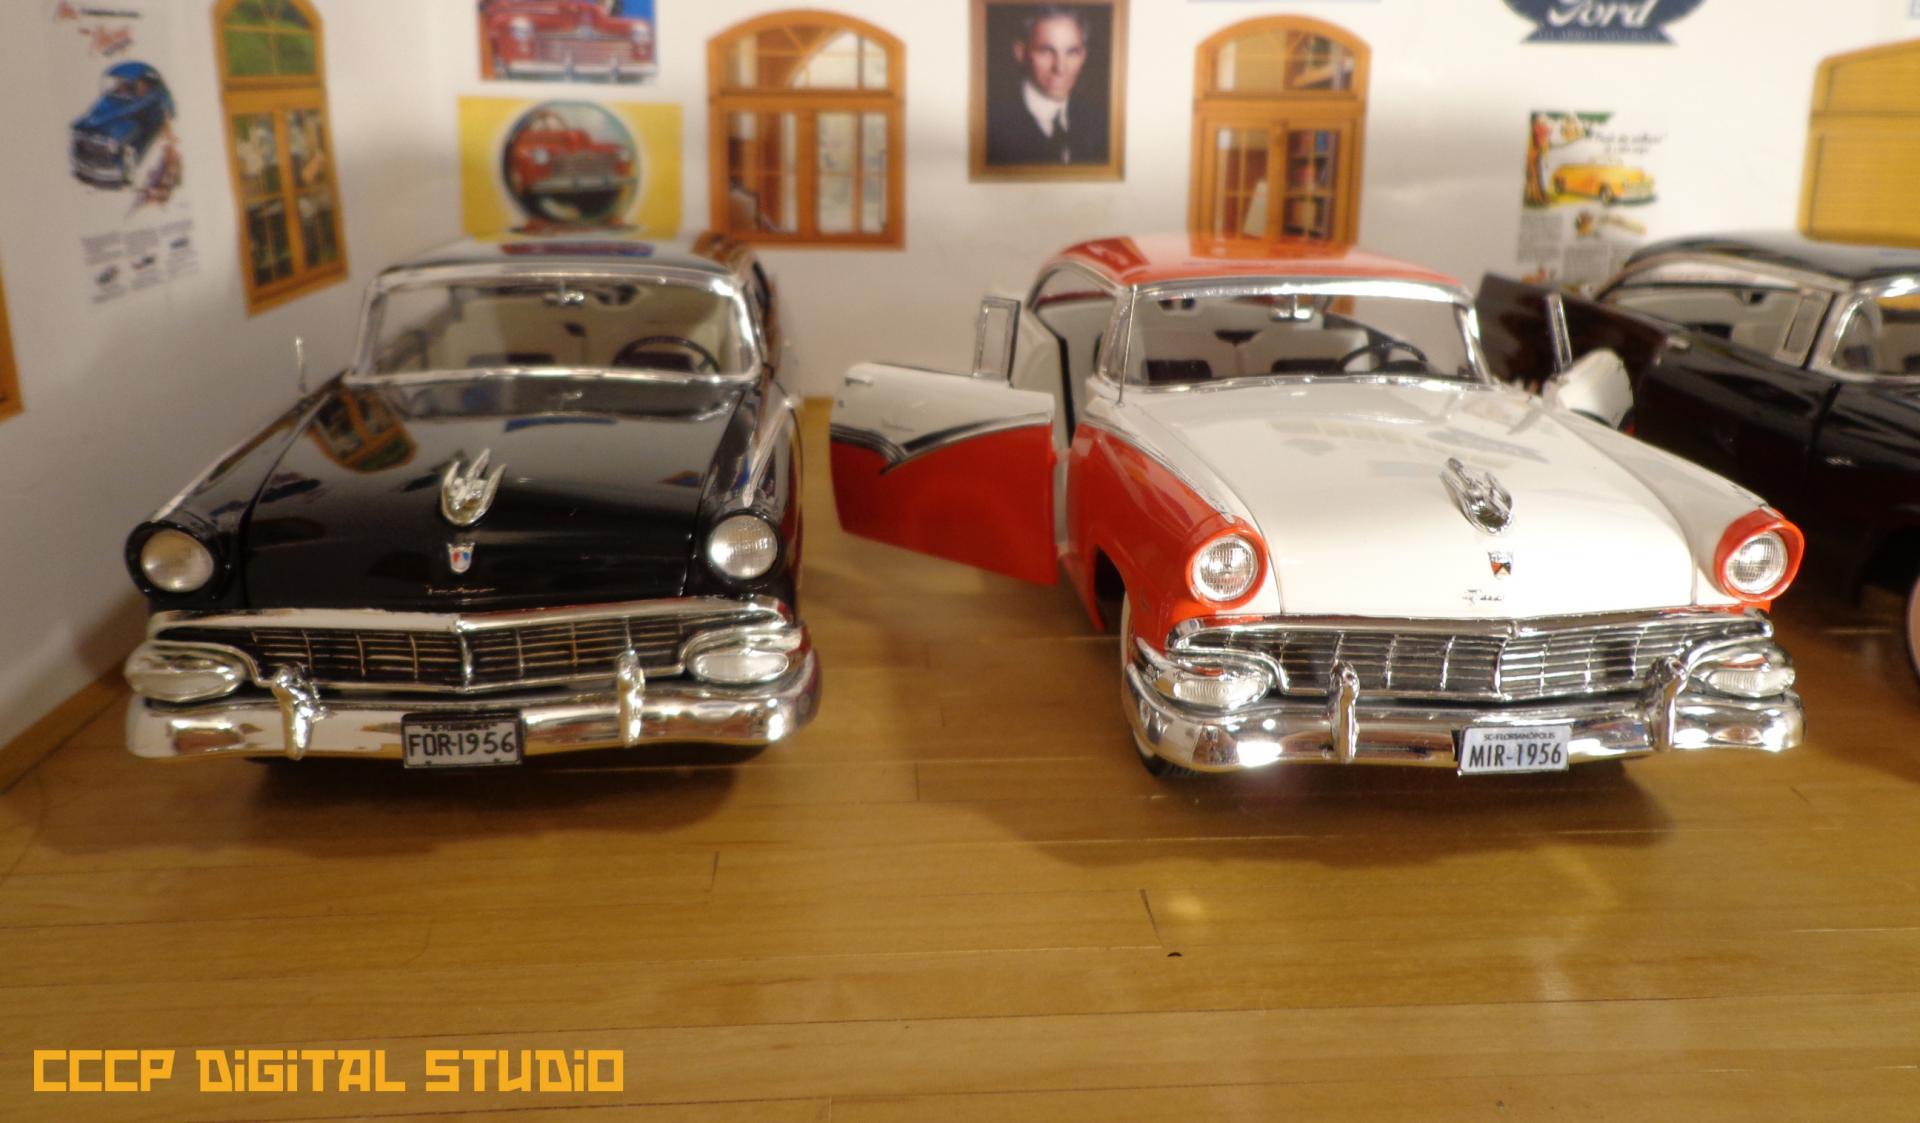 1956 Ford Stravaganza 018 copy.jpg